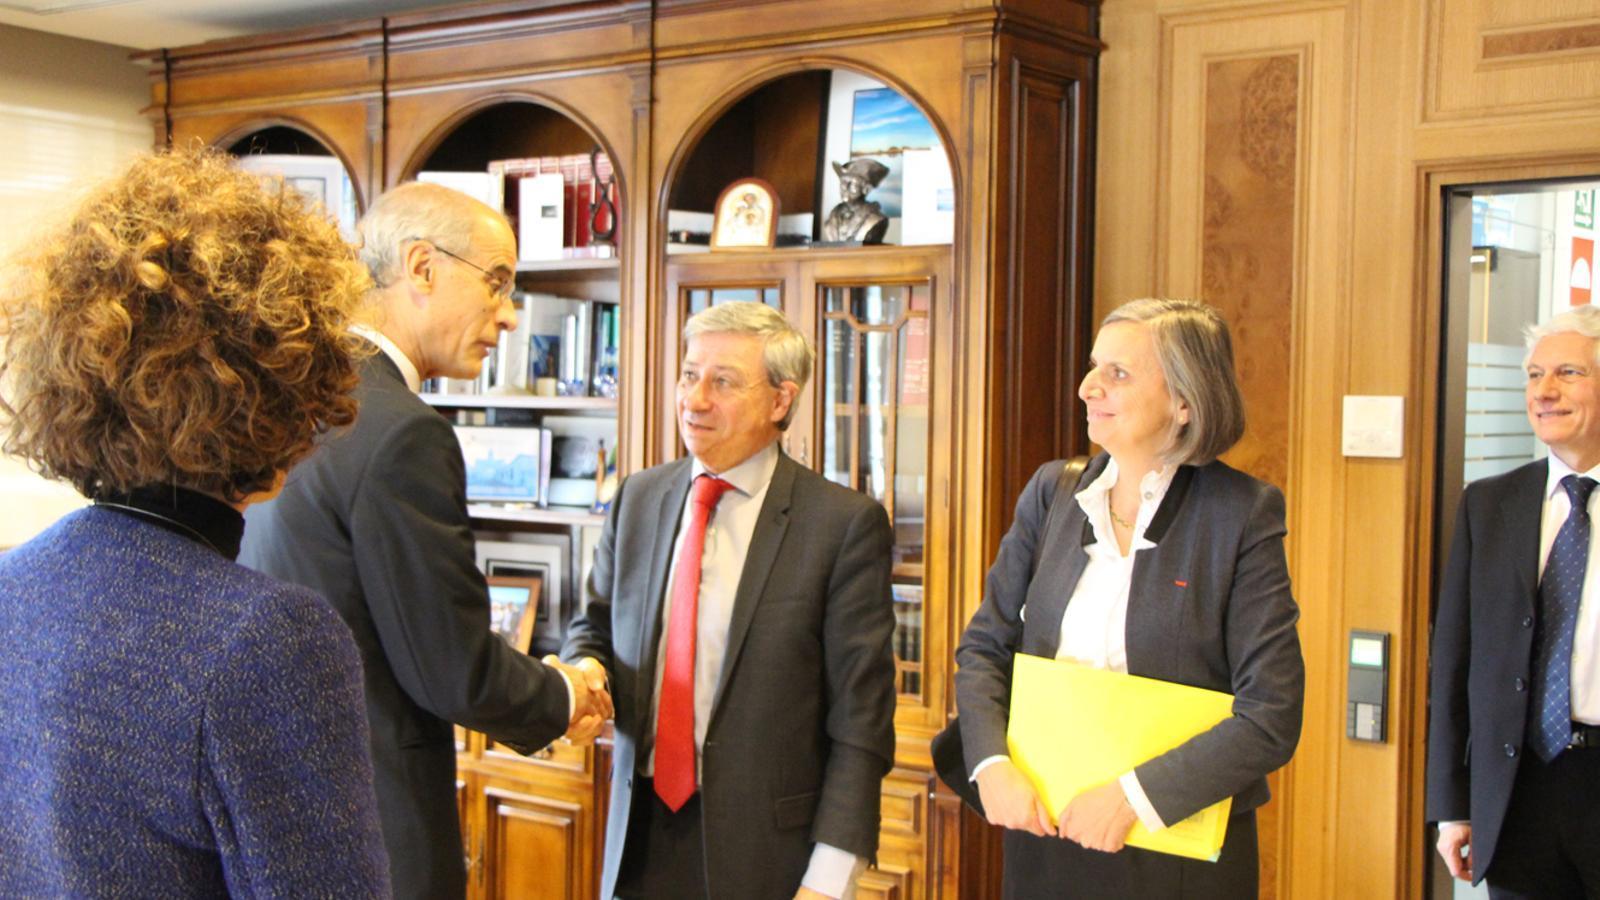 El cap de Govern, Toni Martí, saluda el prefecte d'Occitània, Etienne Guyot, en presència de l'ambaixadora de França a Andorra, Jocelyne Caballero, i de la ministra d'Exteriors, Maria Ubach. / B. N. (ANA)